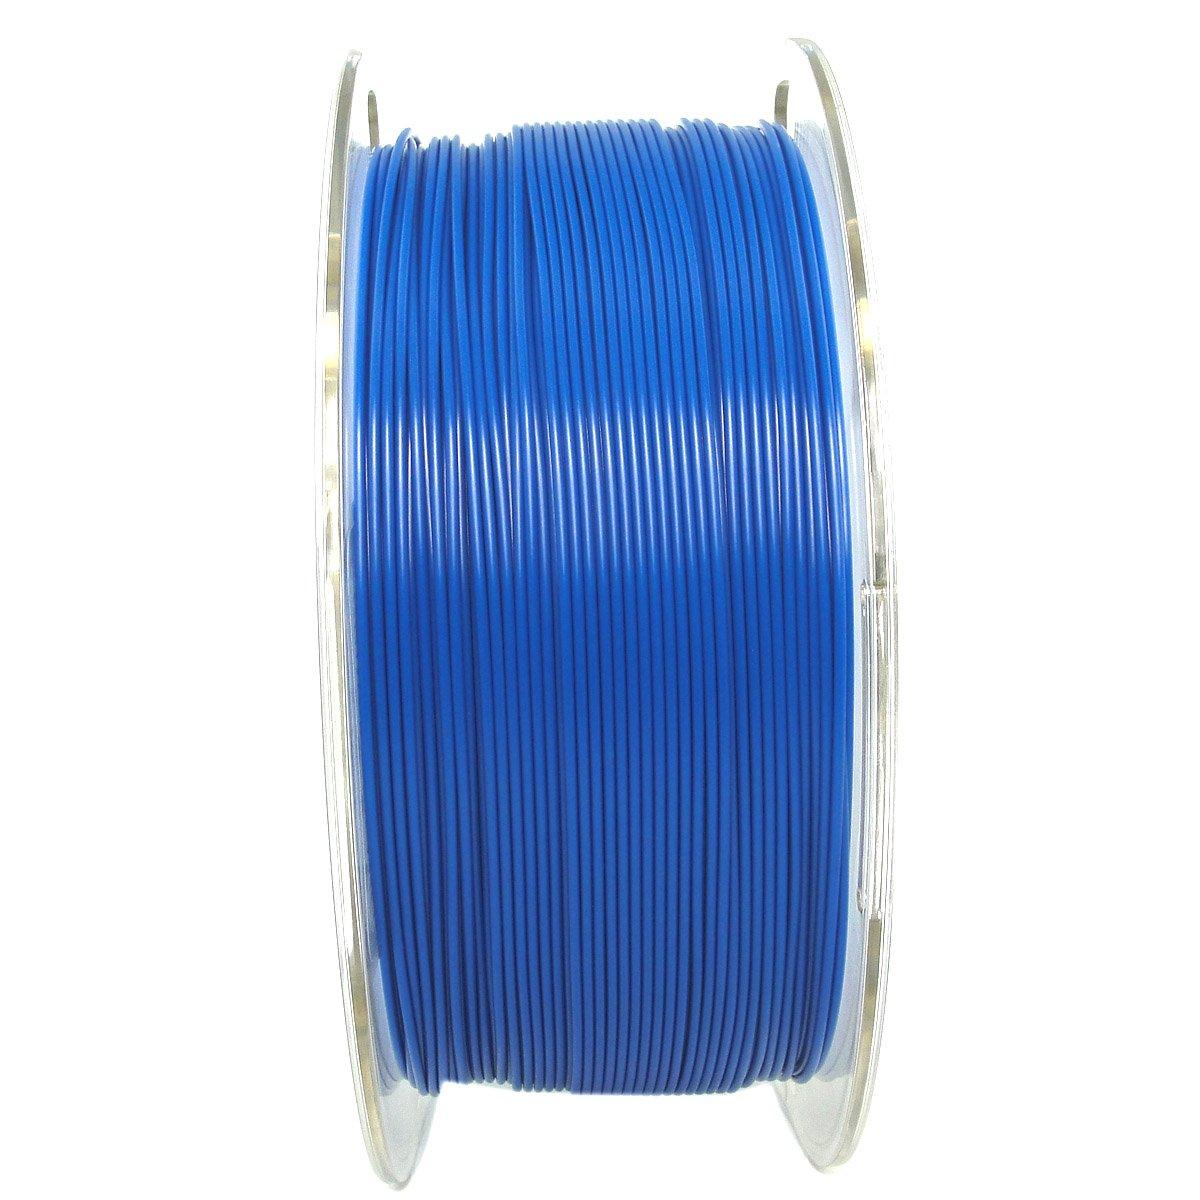 Yousu libre de enredos de 1,75 mm ABS 3d filamento impresora azul ...